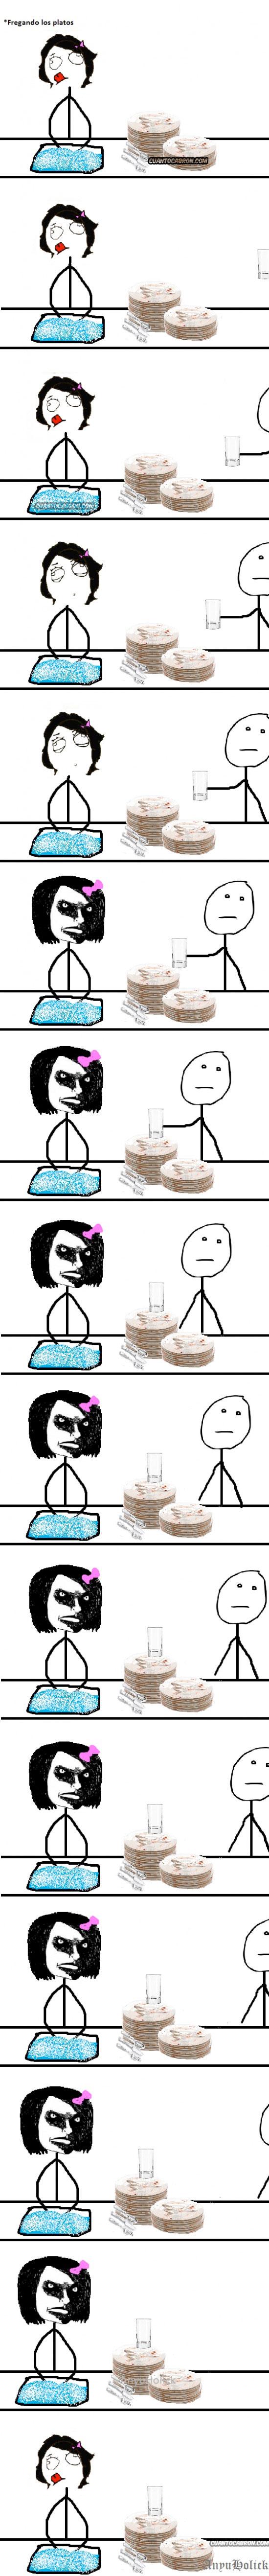 Pokerface - Lavando los platos